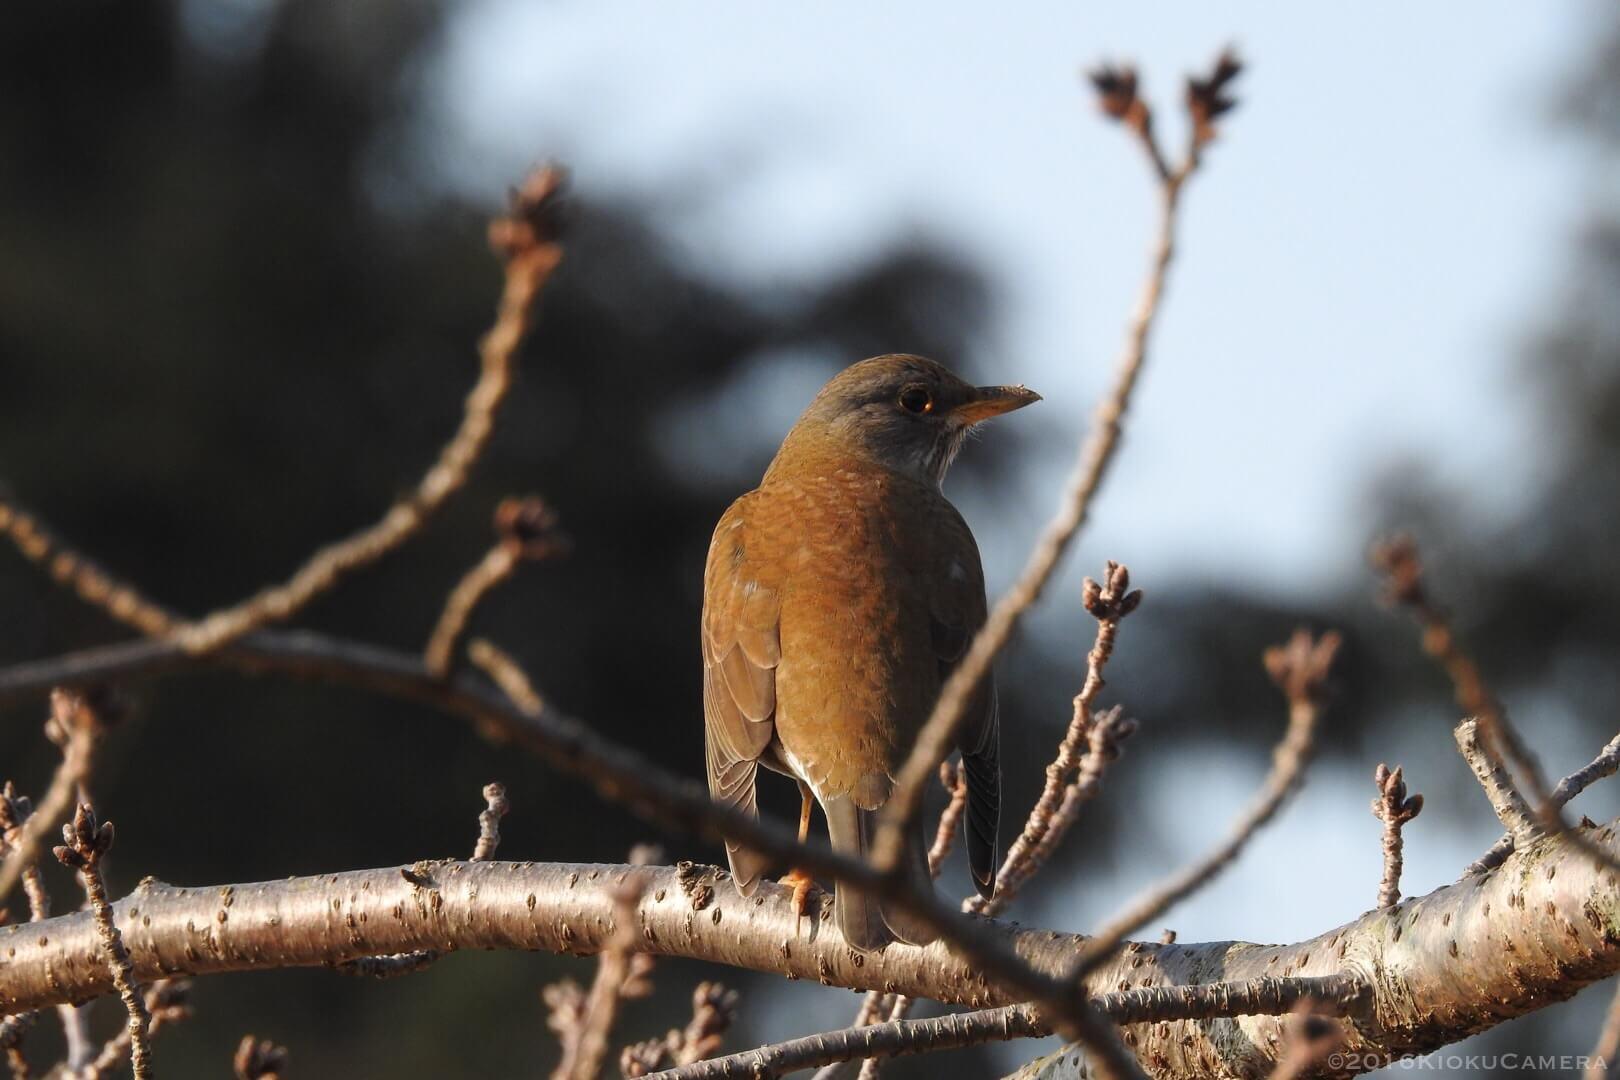 何て言う鳥だろう。週末の朝、P900と散歩カメラ。